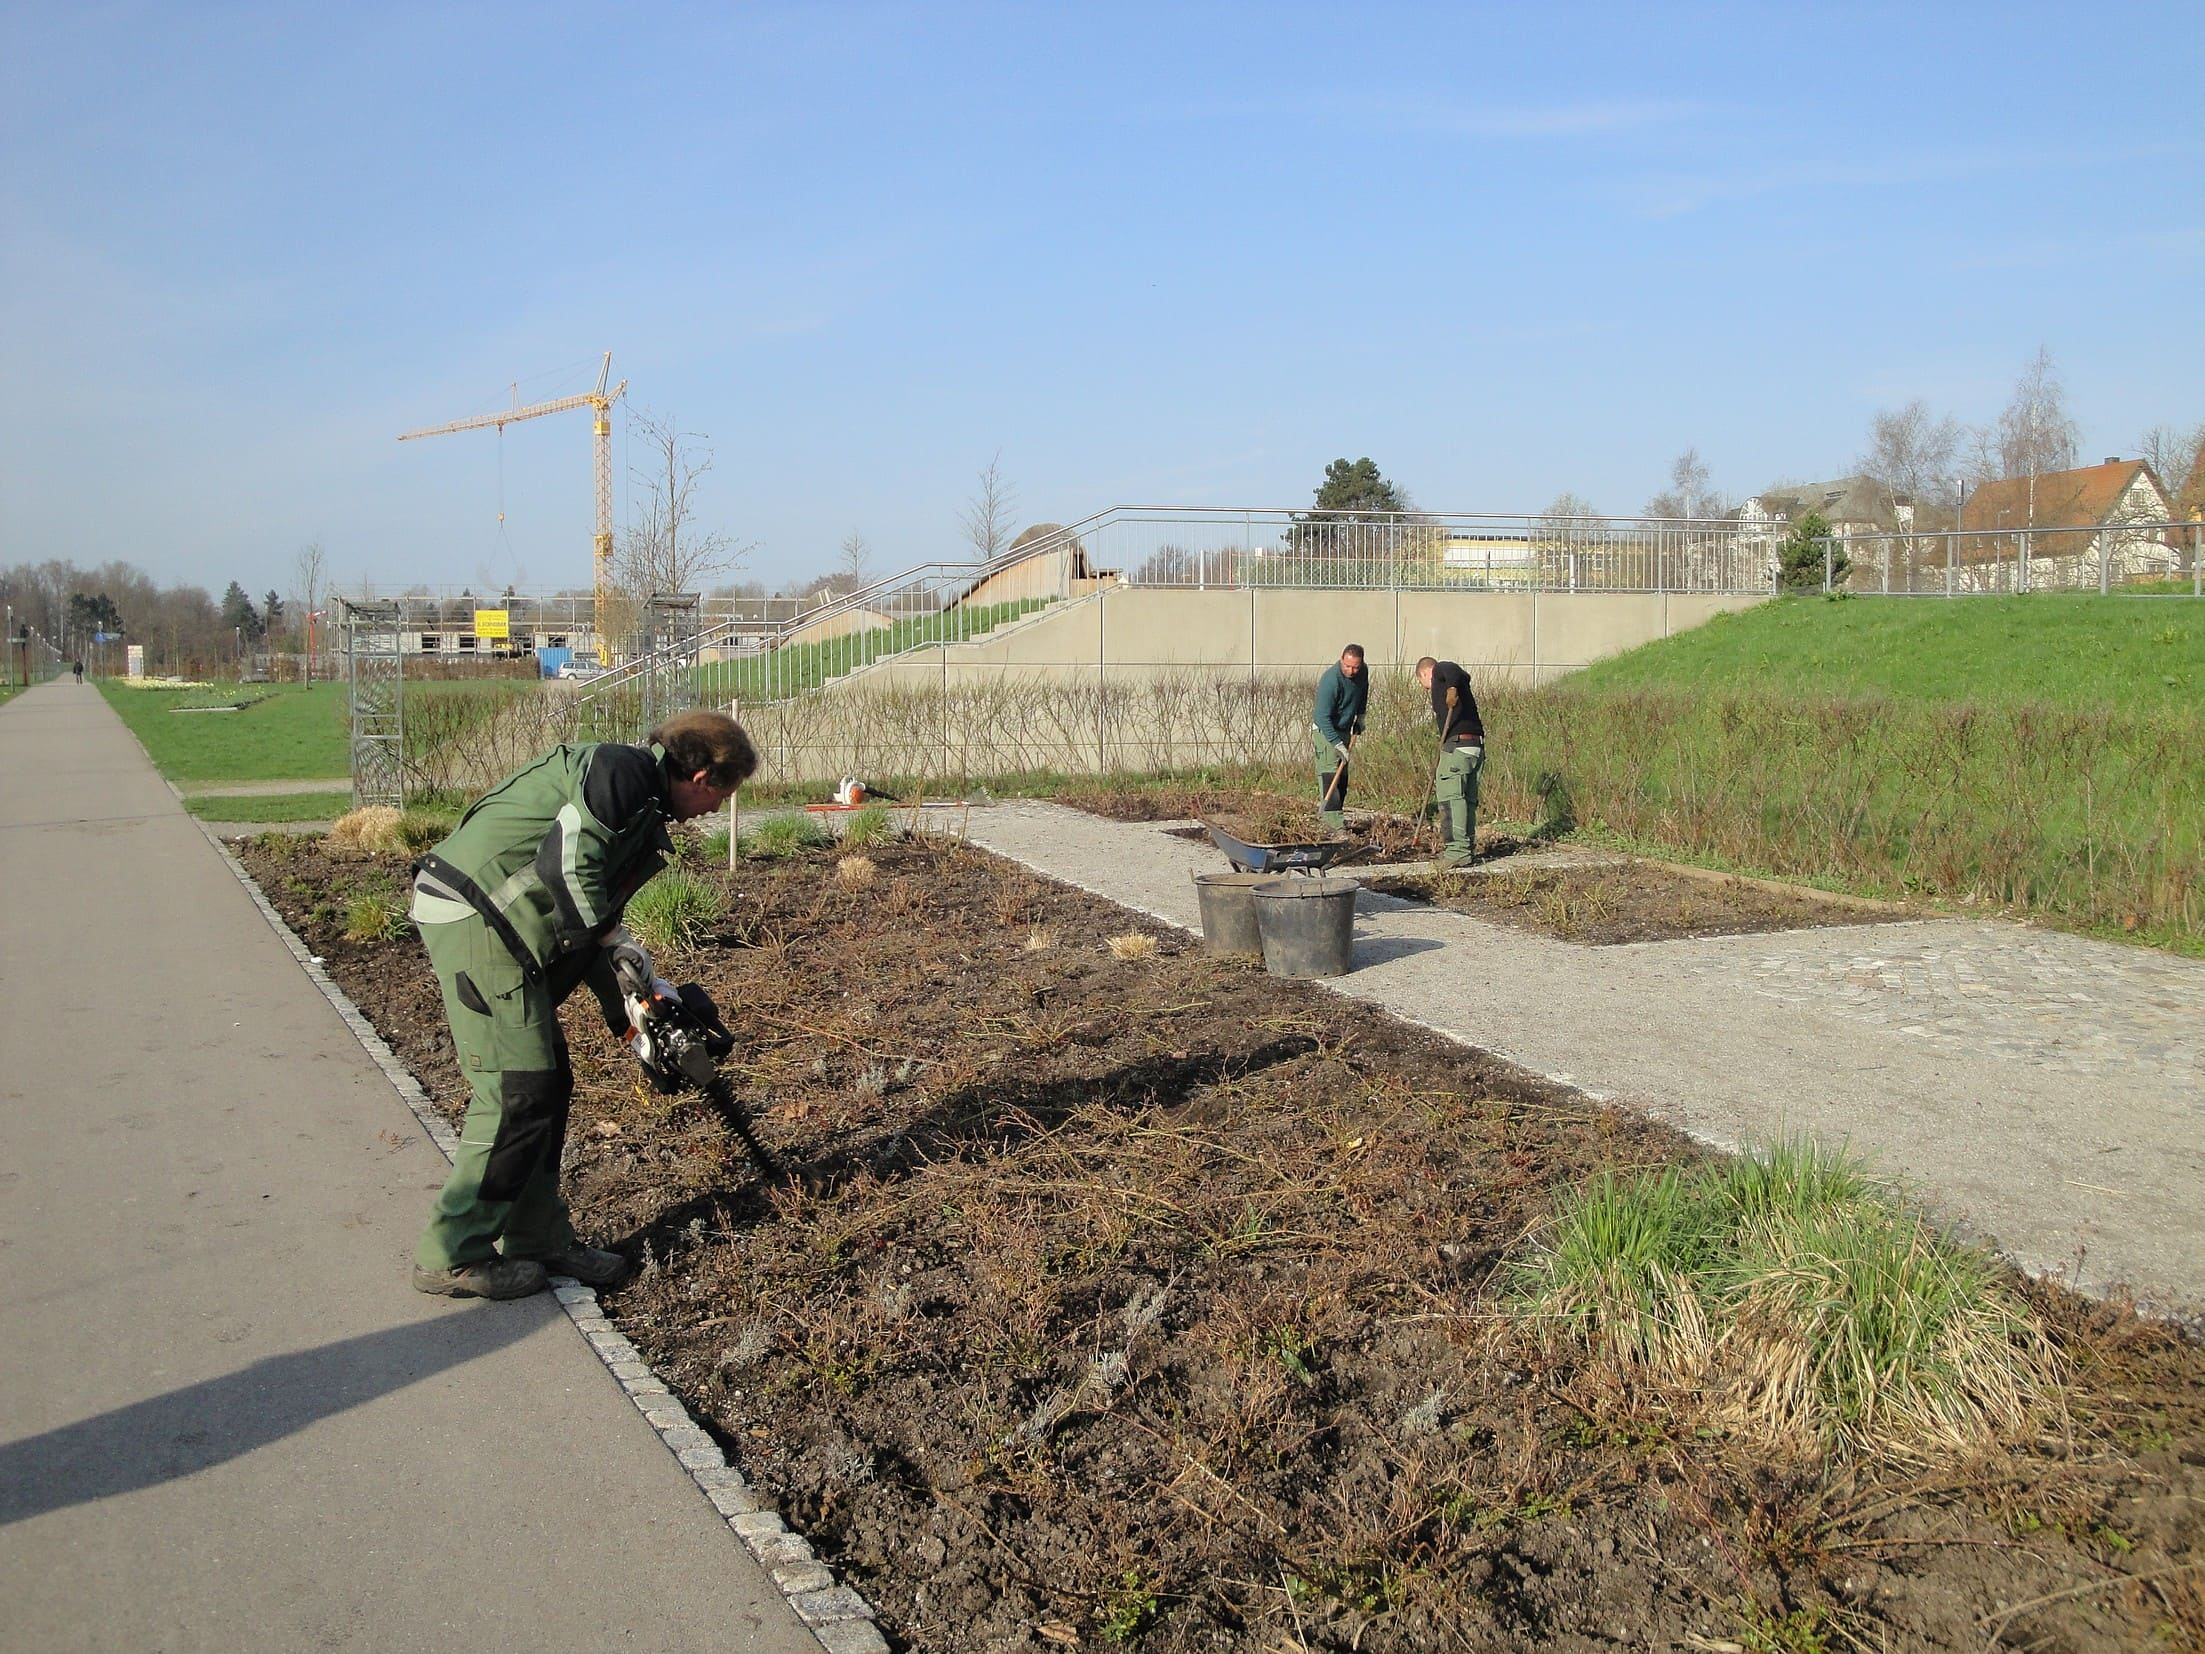 Gartenpflege und Dienstleistungen